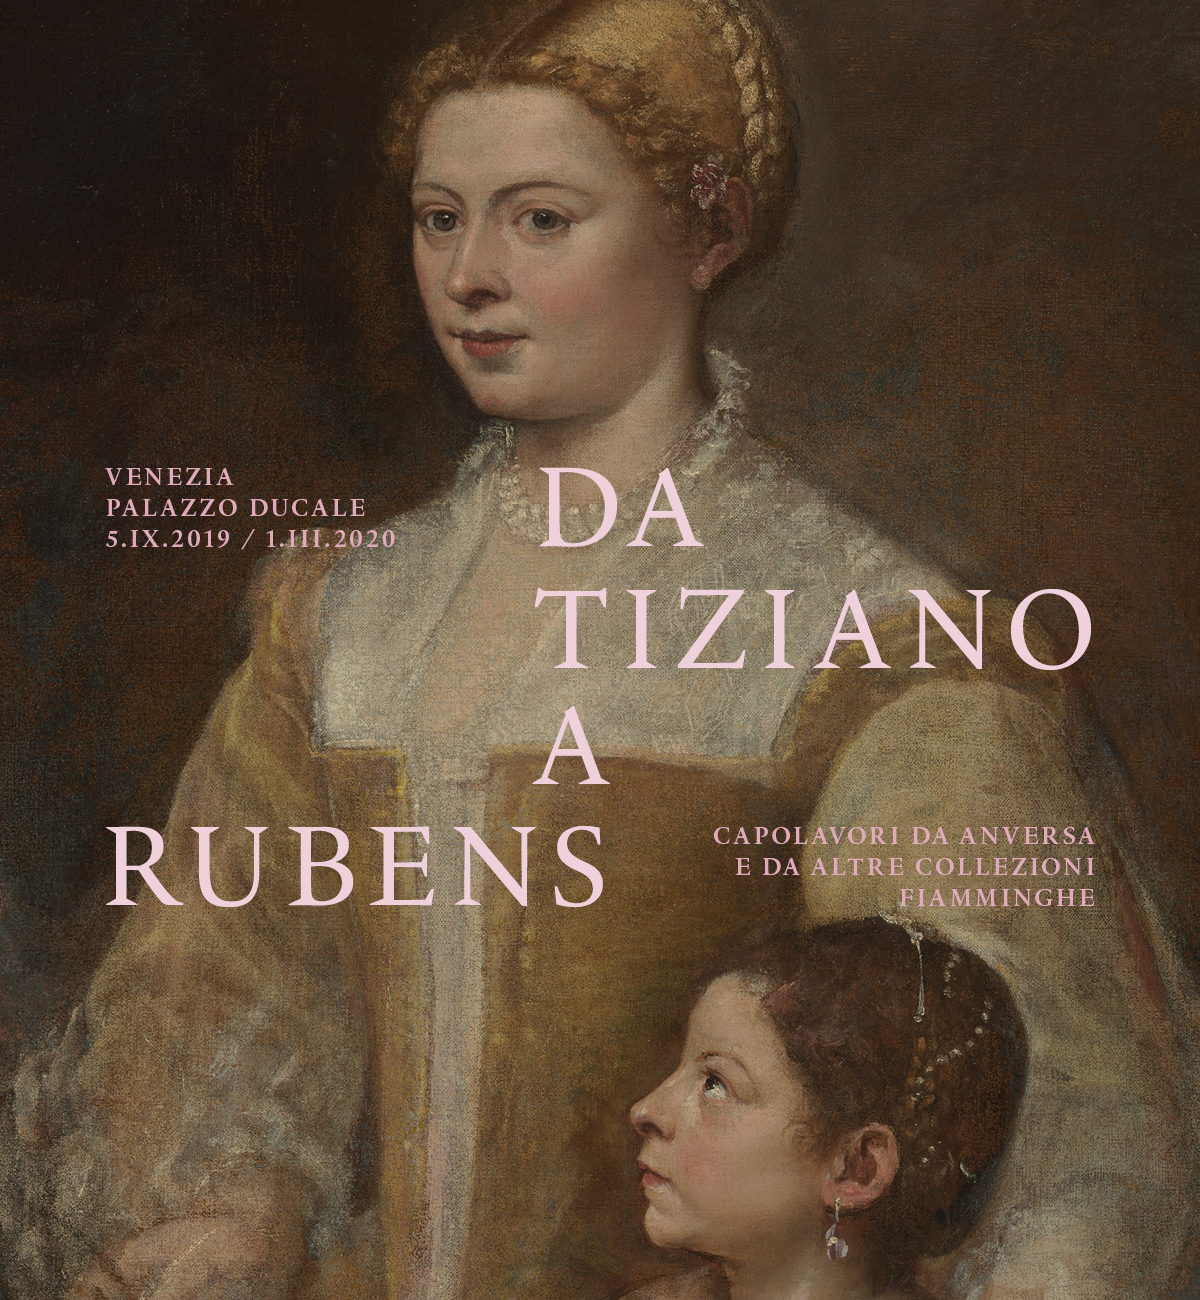 Da-Tiziano-a-Rubens